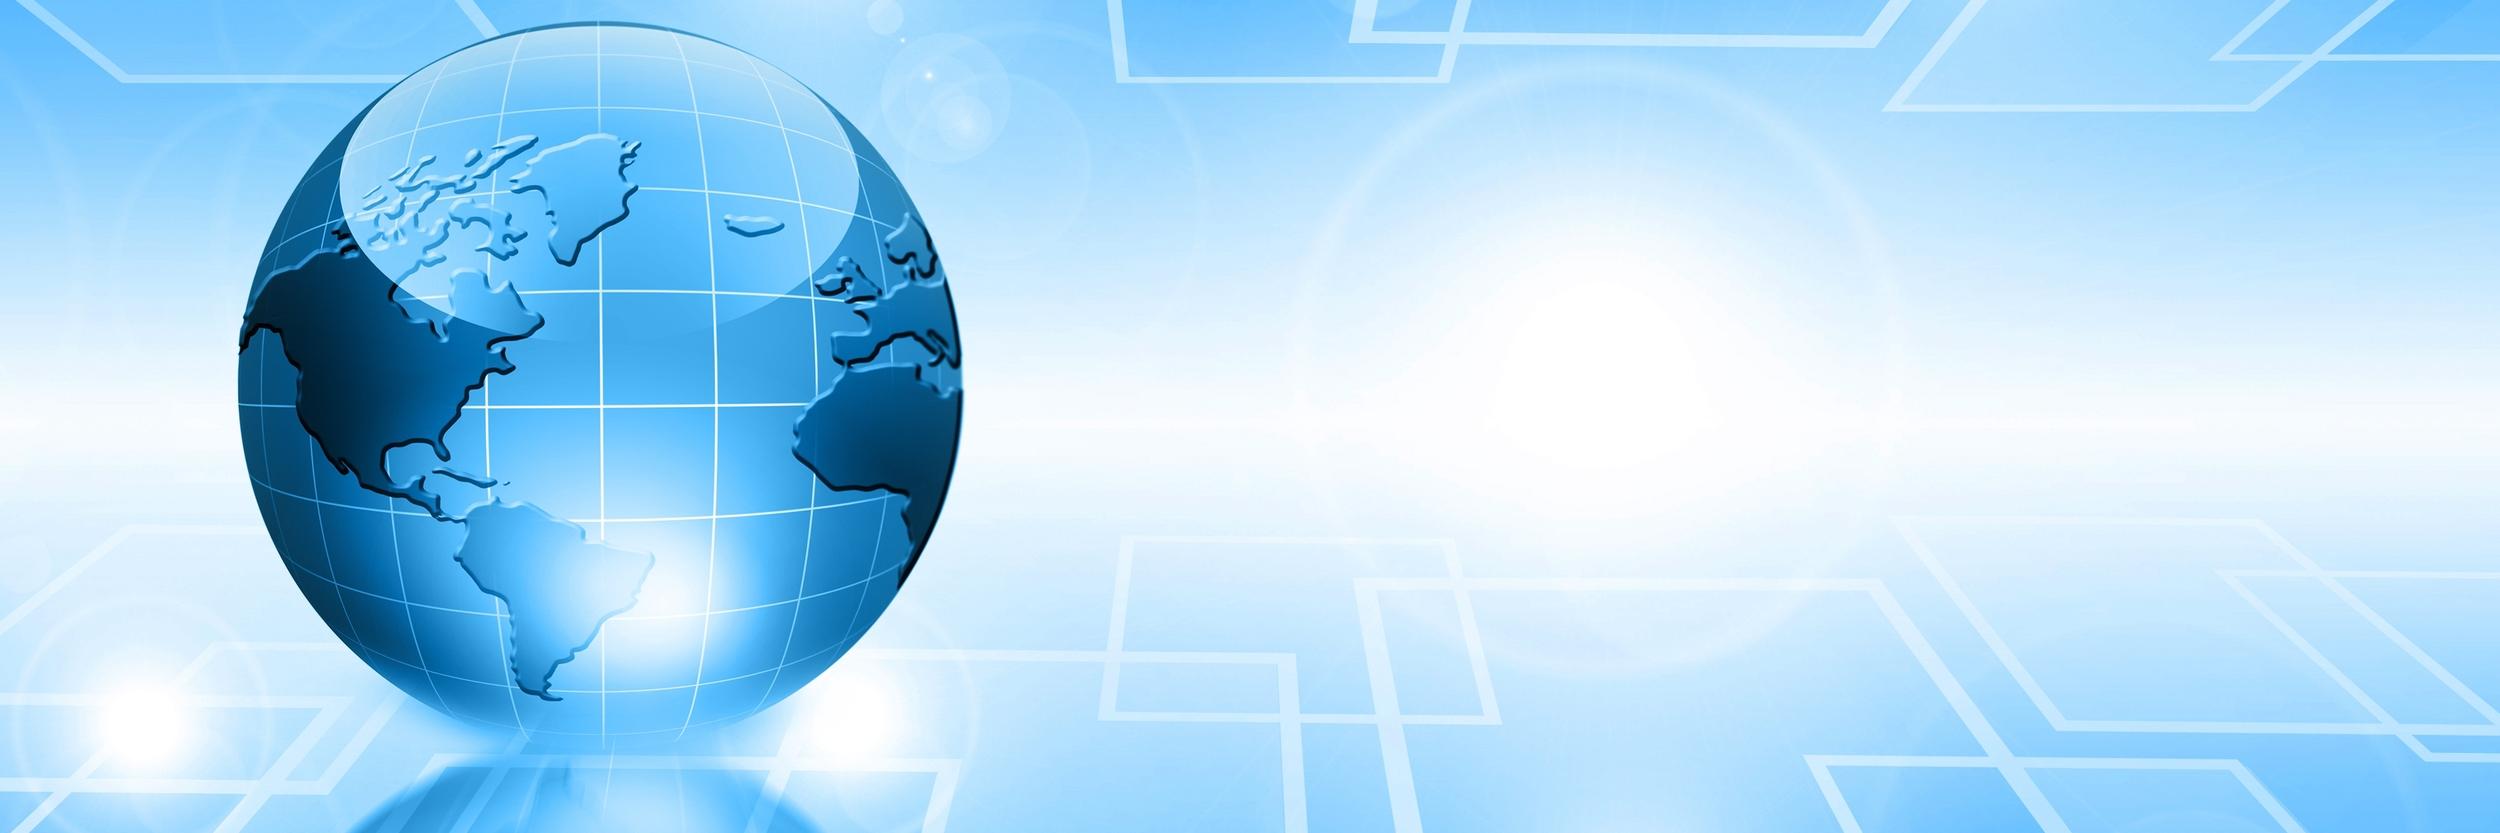 Digital Globe - Cropped.jpg